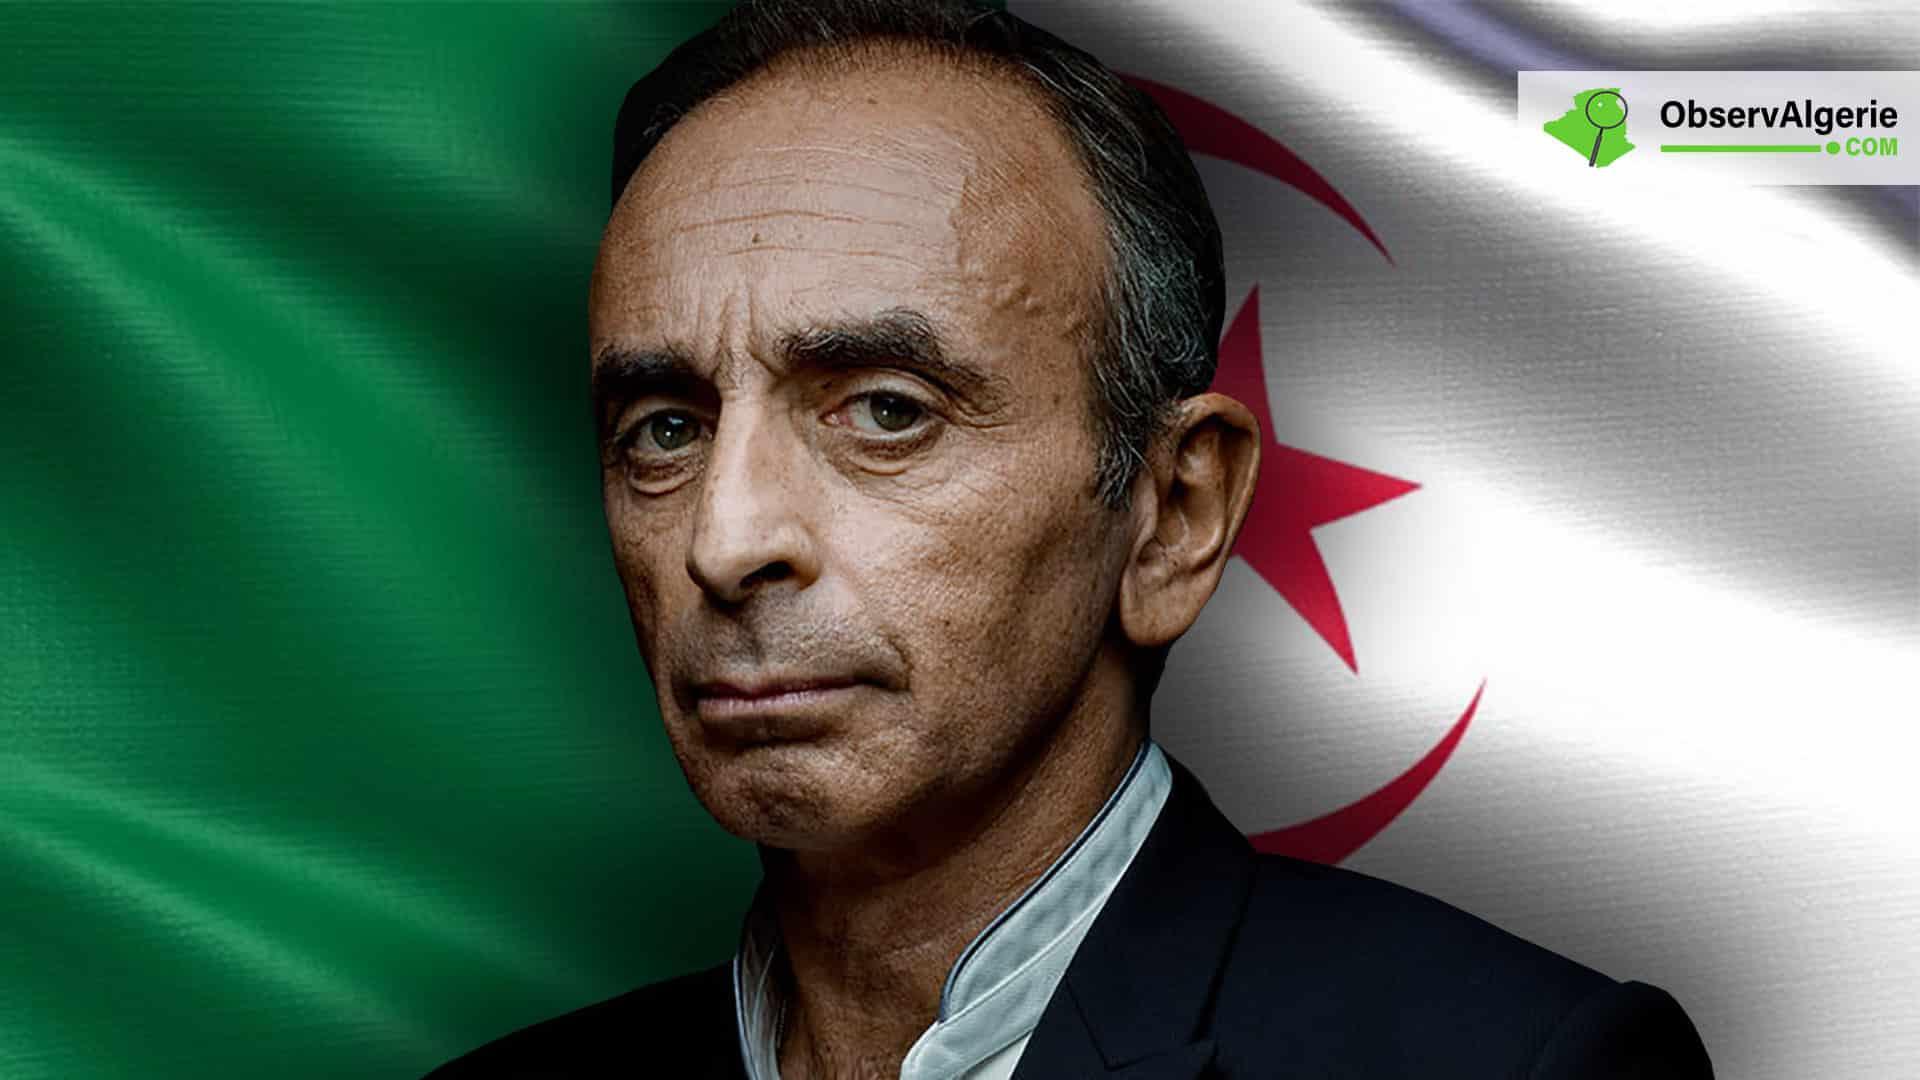 Le Polemiste Eric Zemmour Insulte Une Nouvelle Fois L Algerie